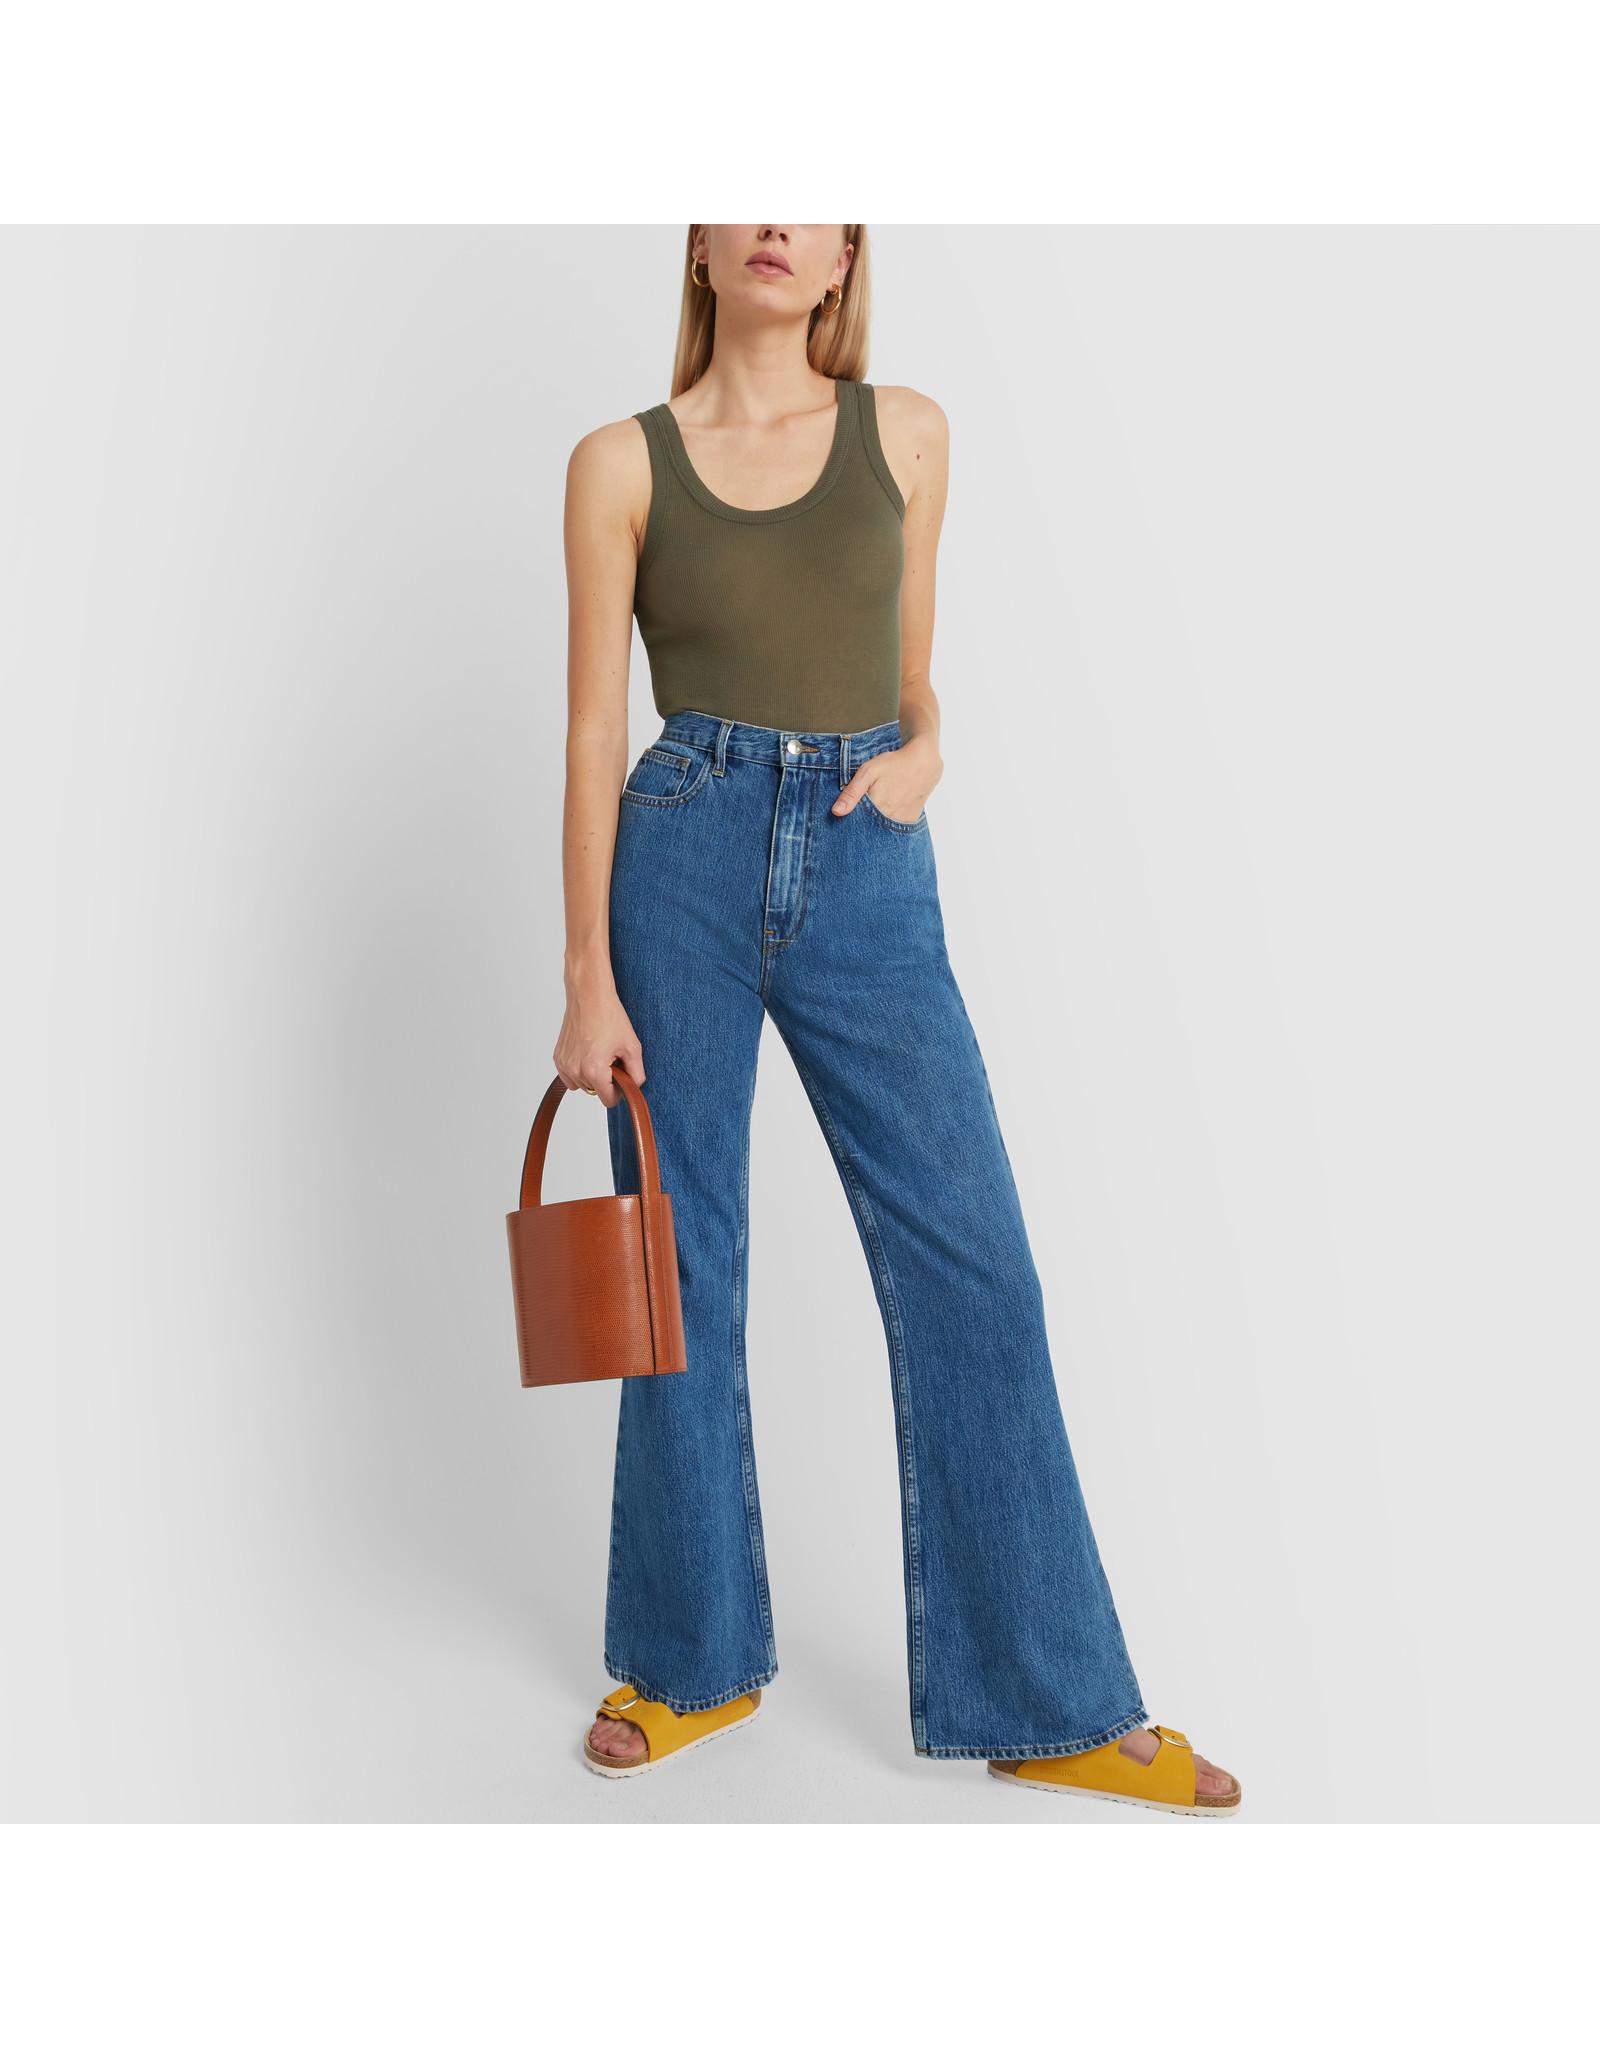 G. Label G. Label Griffin Bootcut Jeans (Color: Medium Blue Wash, Size: 27)